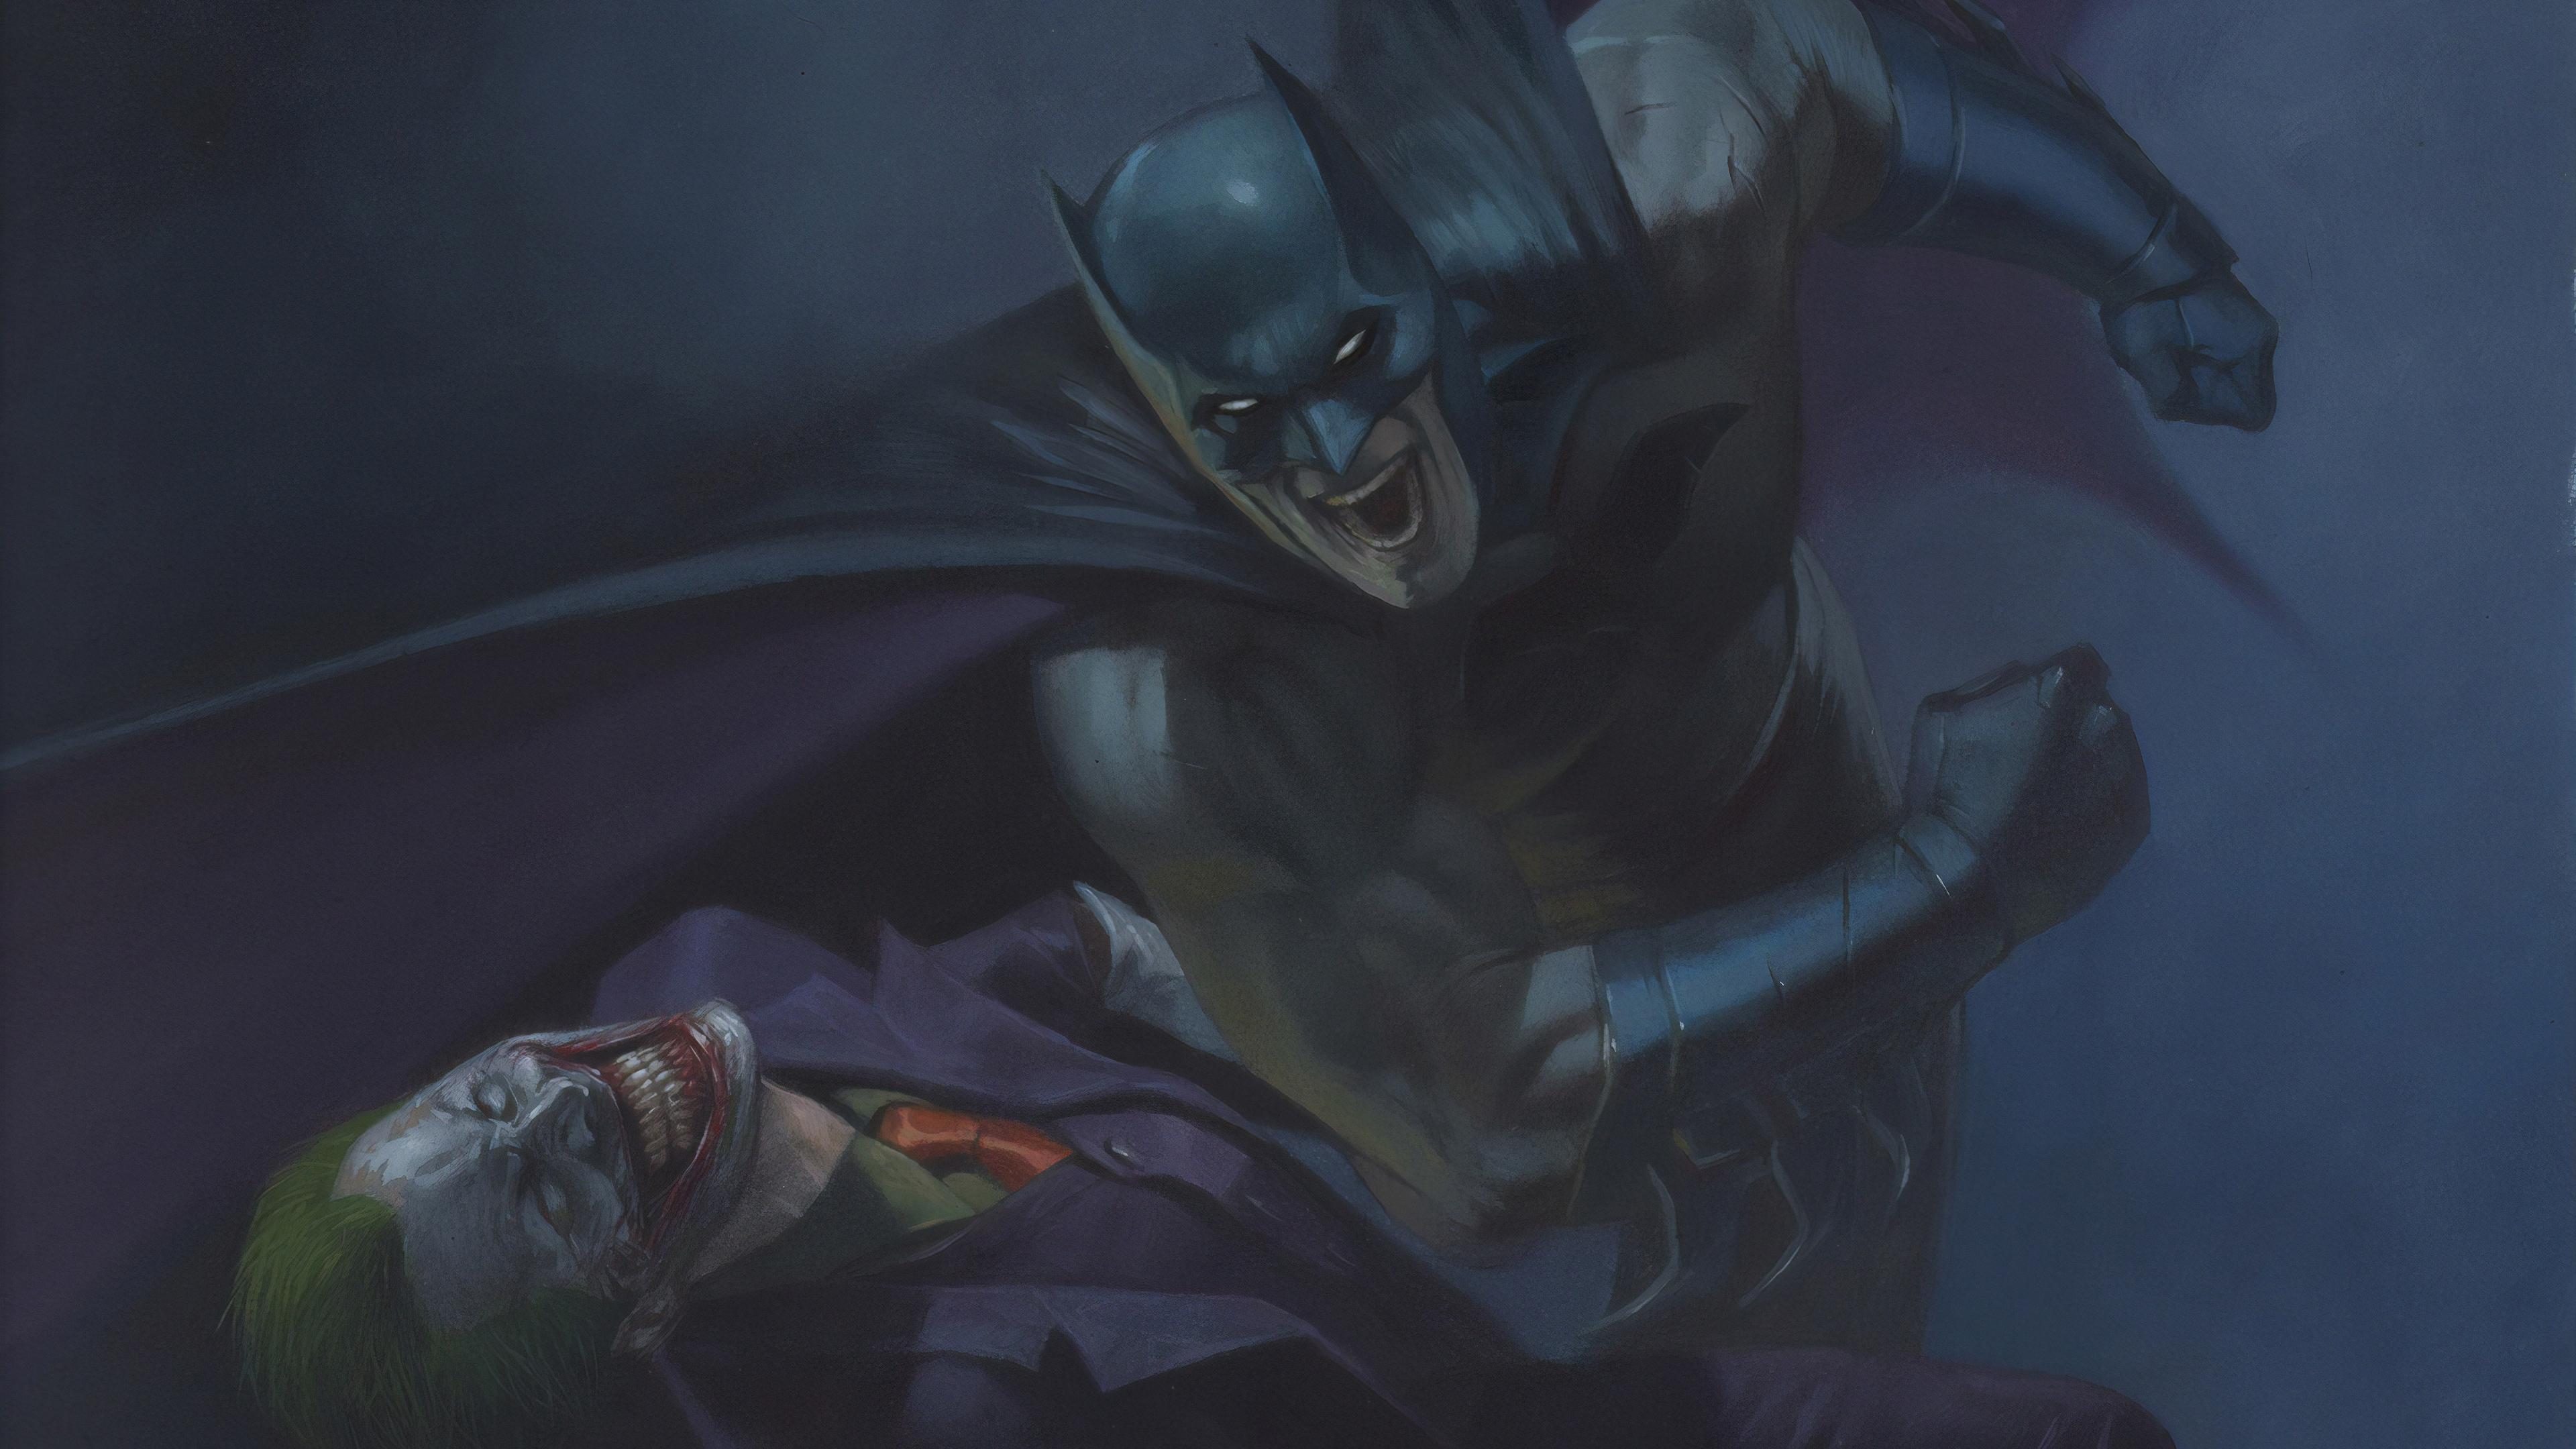 batman vs joker new 1565053049 - Batman Vs Joker New - superheroes wallpapers, joker wallpapers, hd-wallpapers, dc comics wallpapers, batman wallpapers, artstation wallpapers, 4k-wallpapers